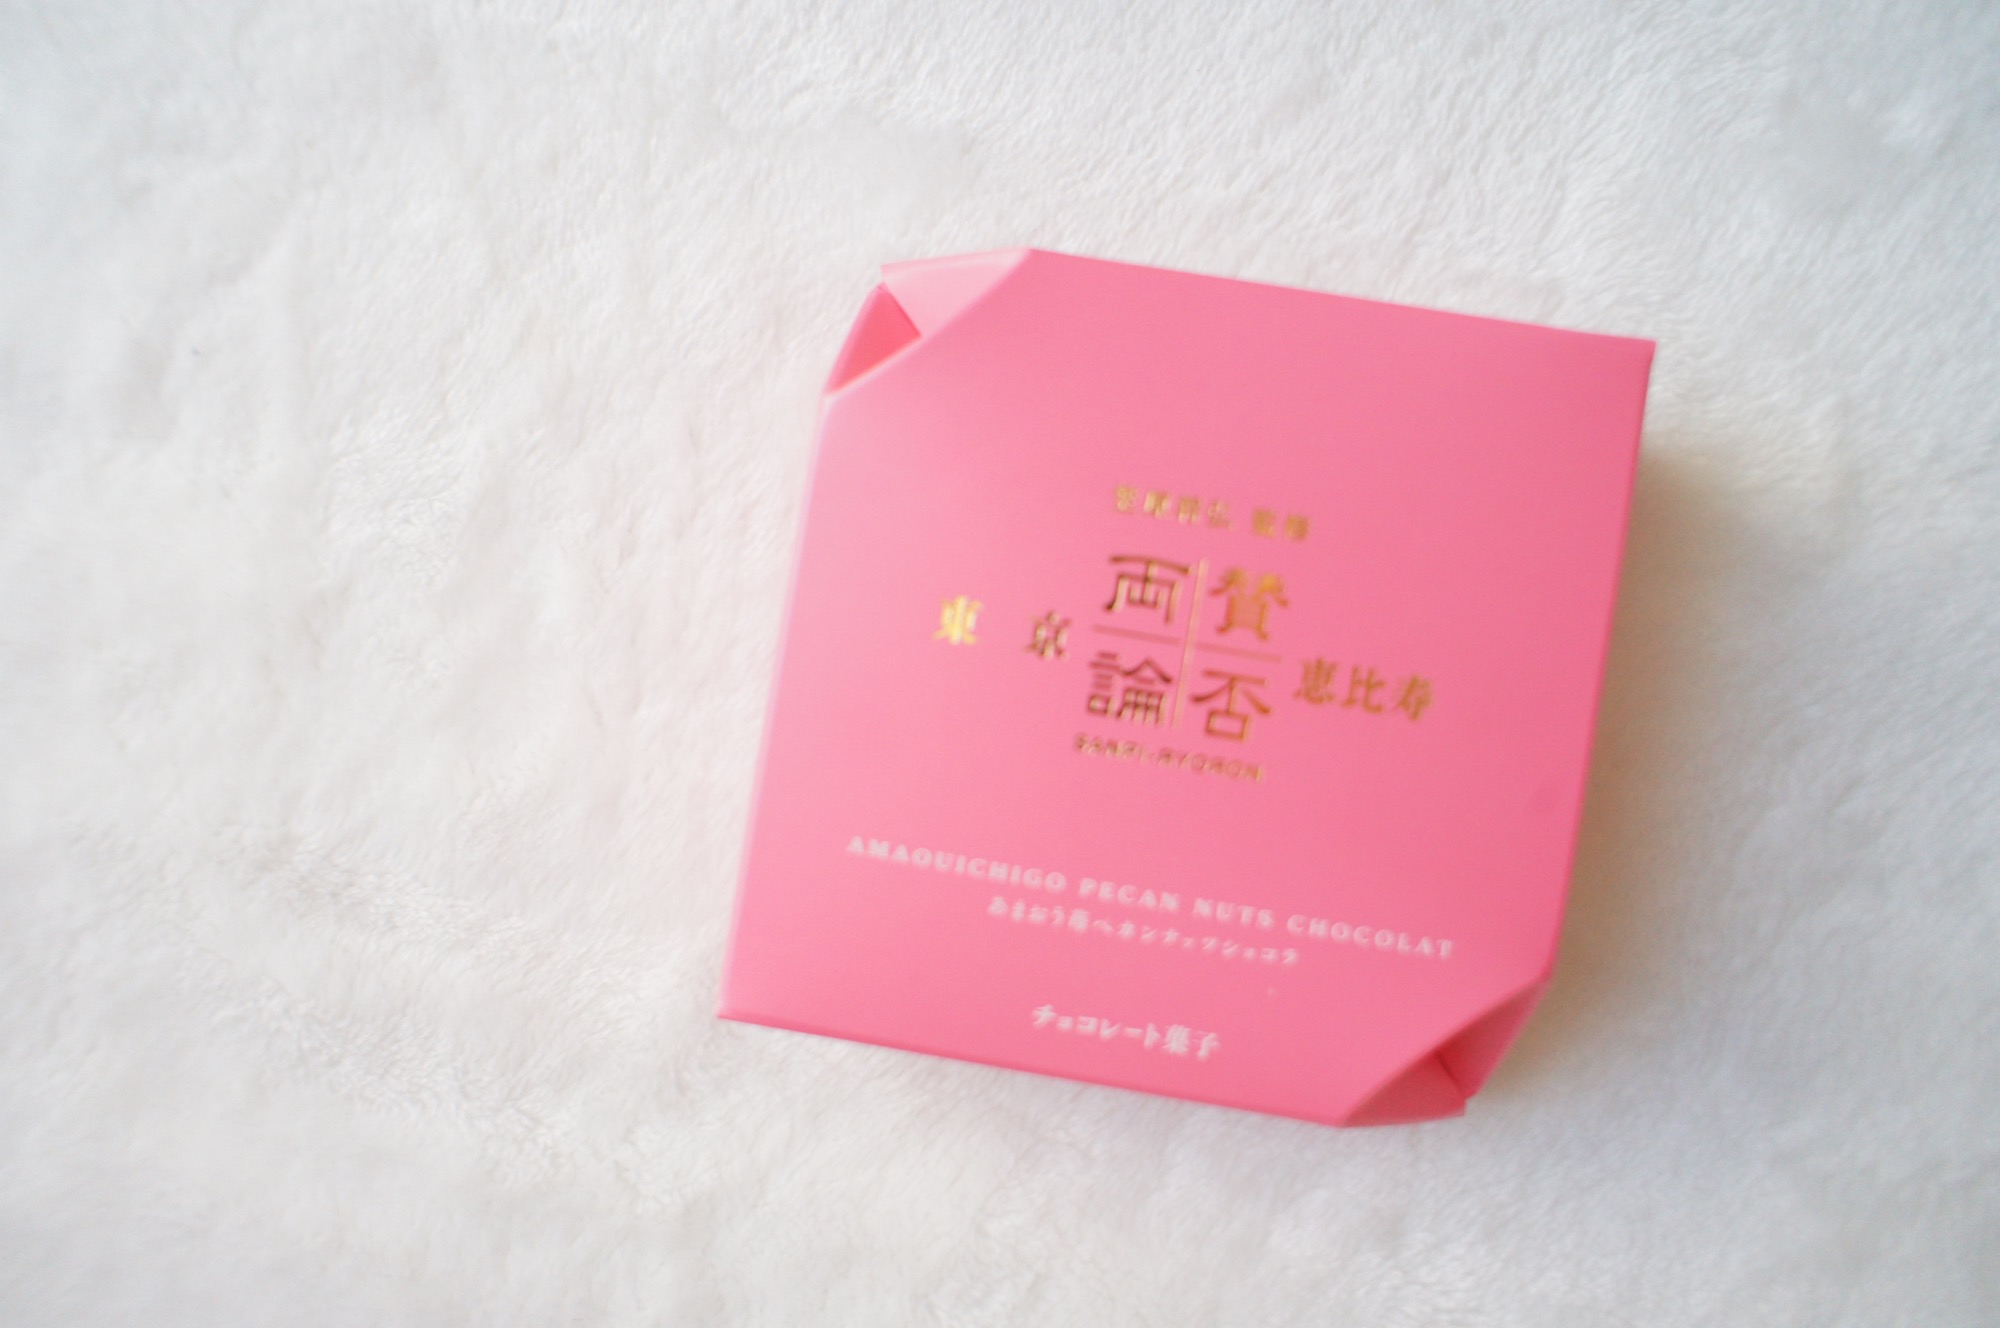 《大丸東京で買える❤️》【予算¥800以内】のバレンタインチョコ3選☻_4